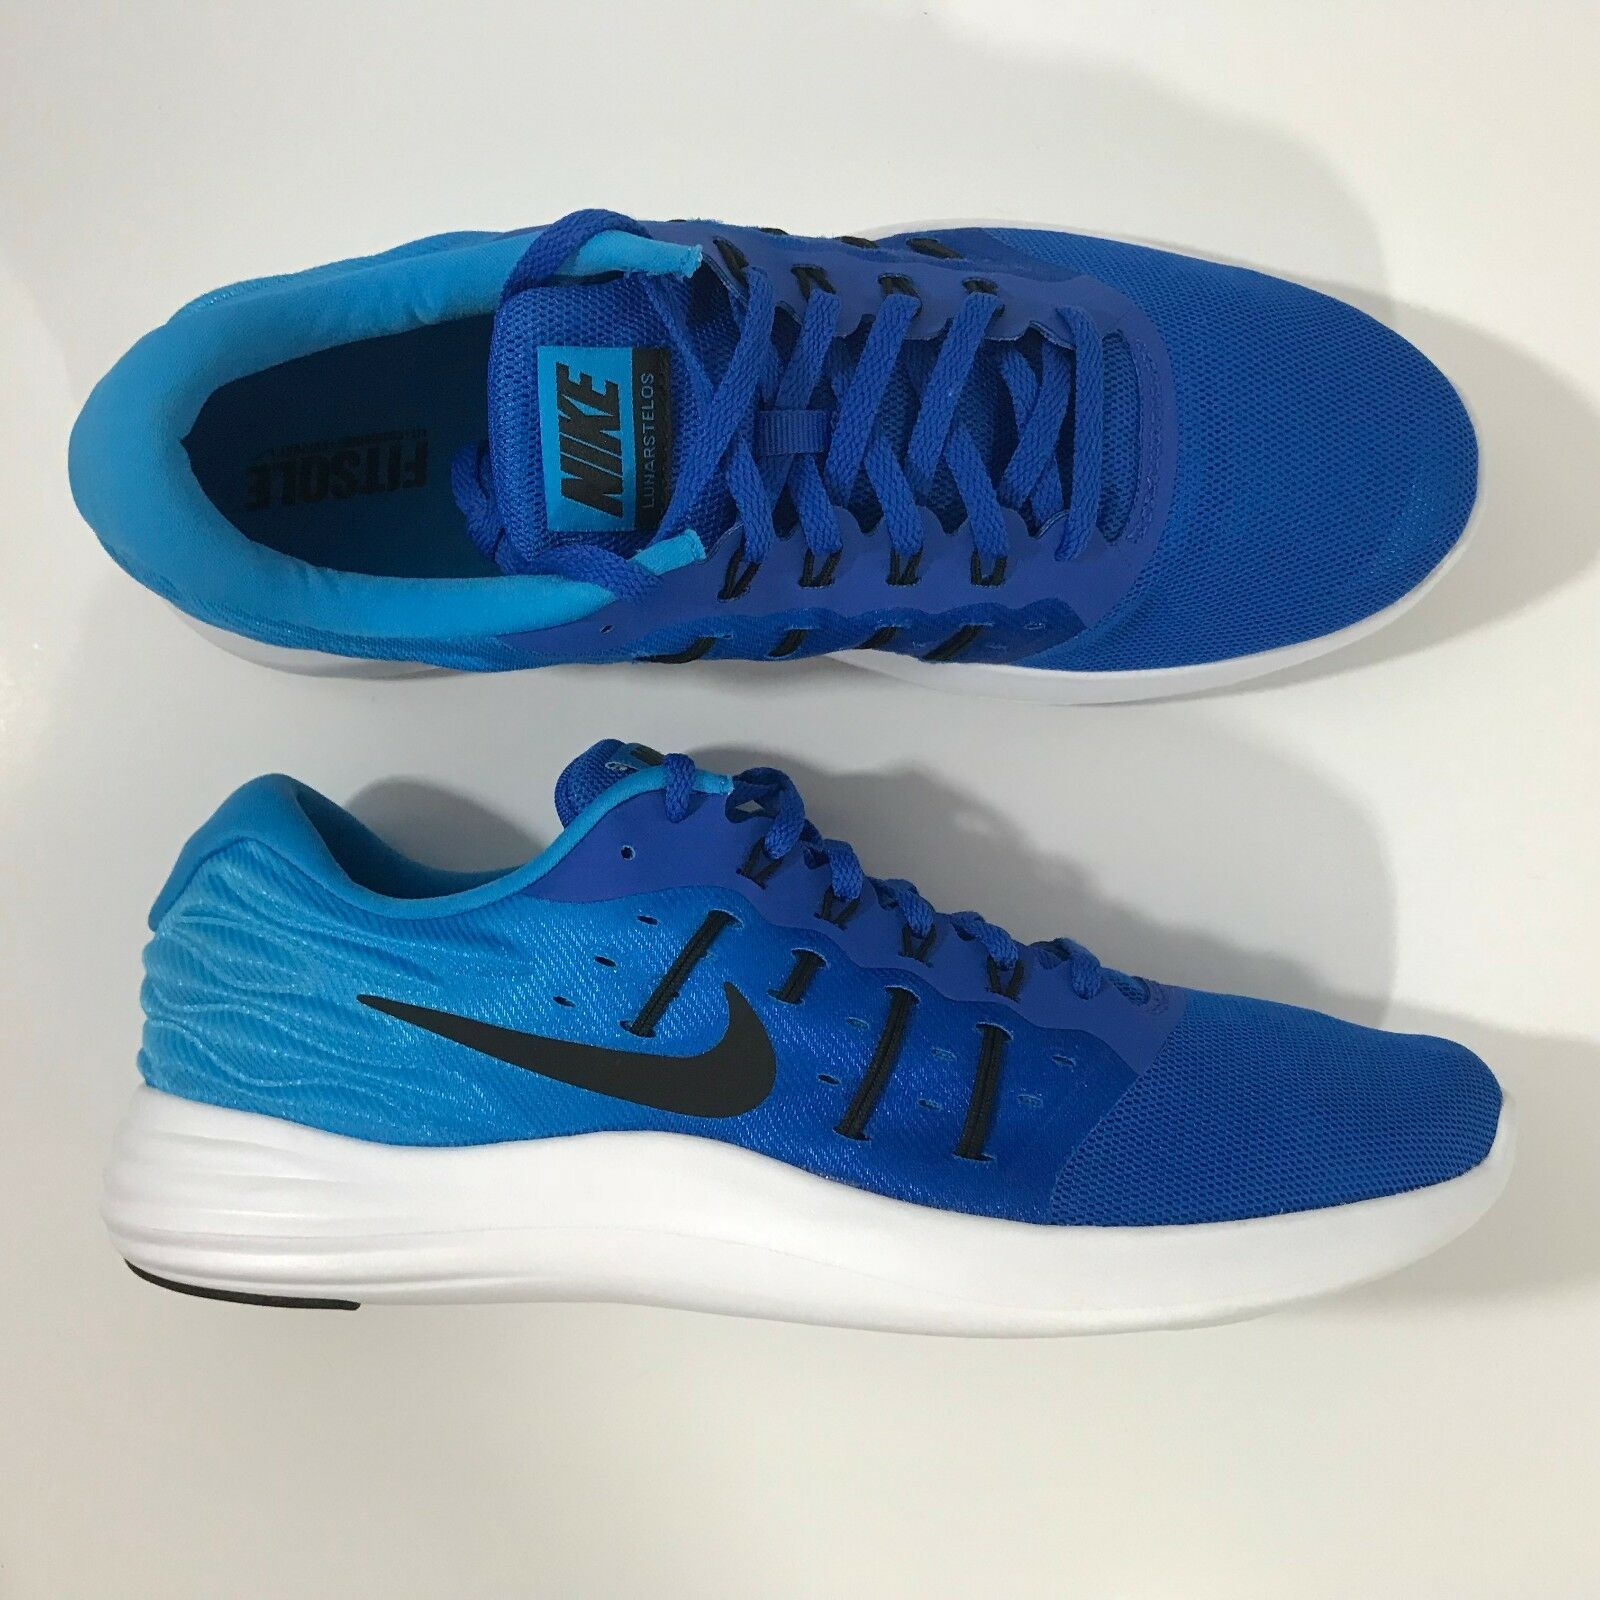 Nike Lunarstelos 844591-400 Running Hyper Cobalt Black bluee White Size 11.5 Men